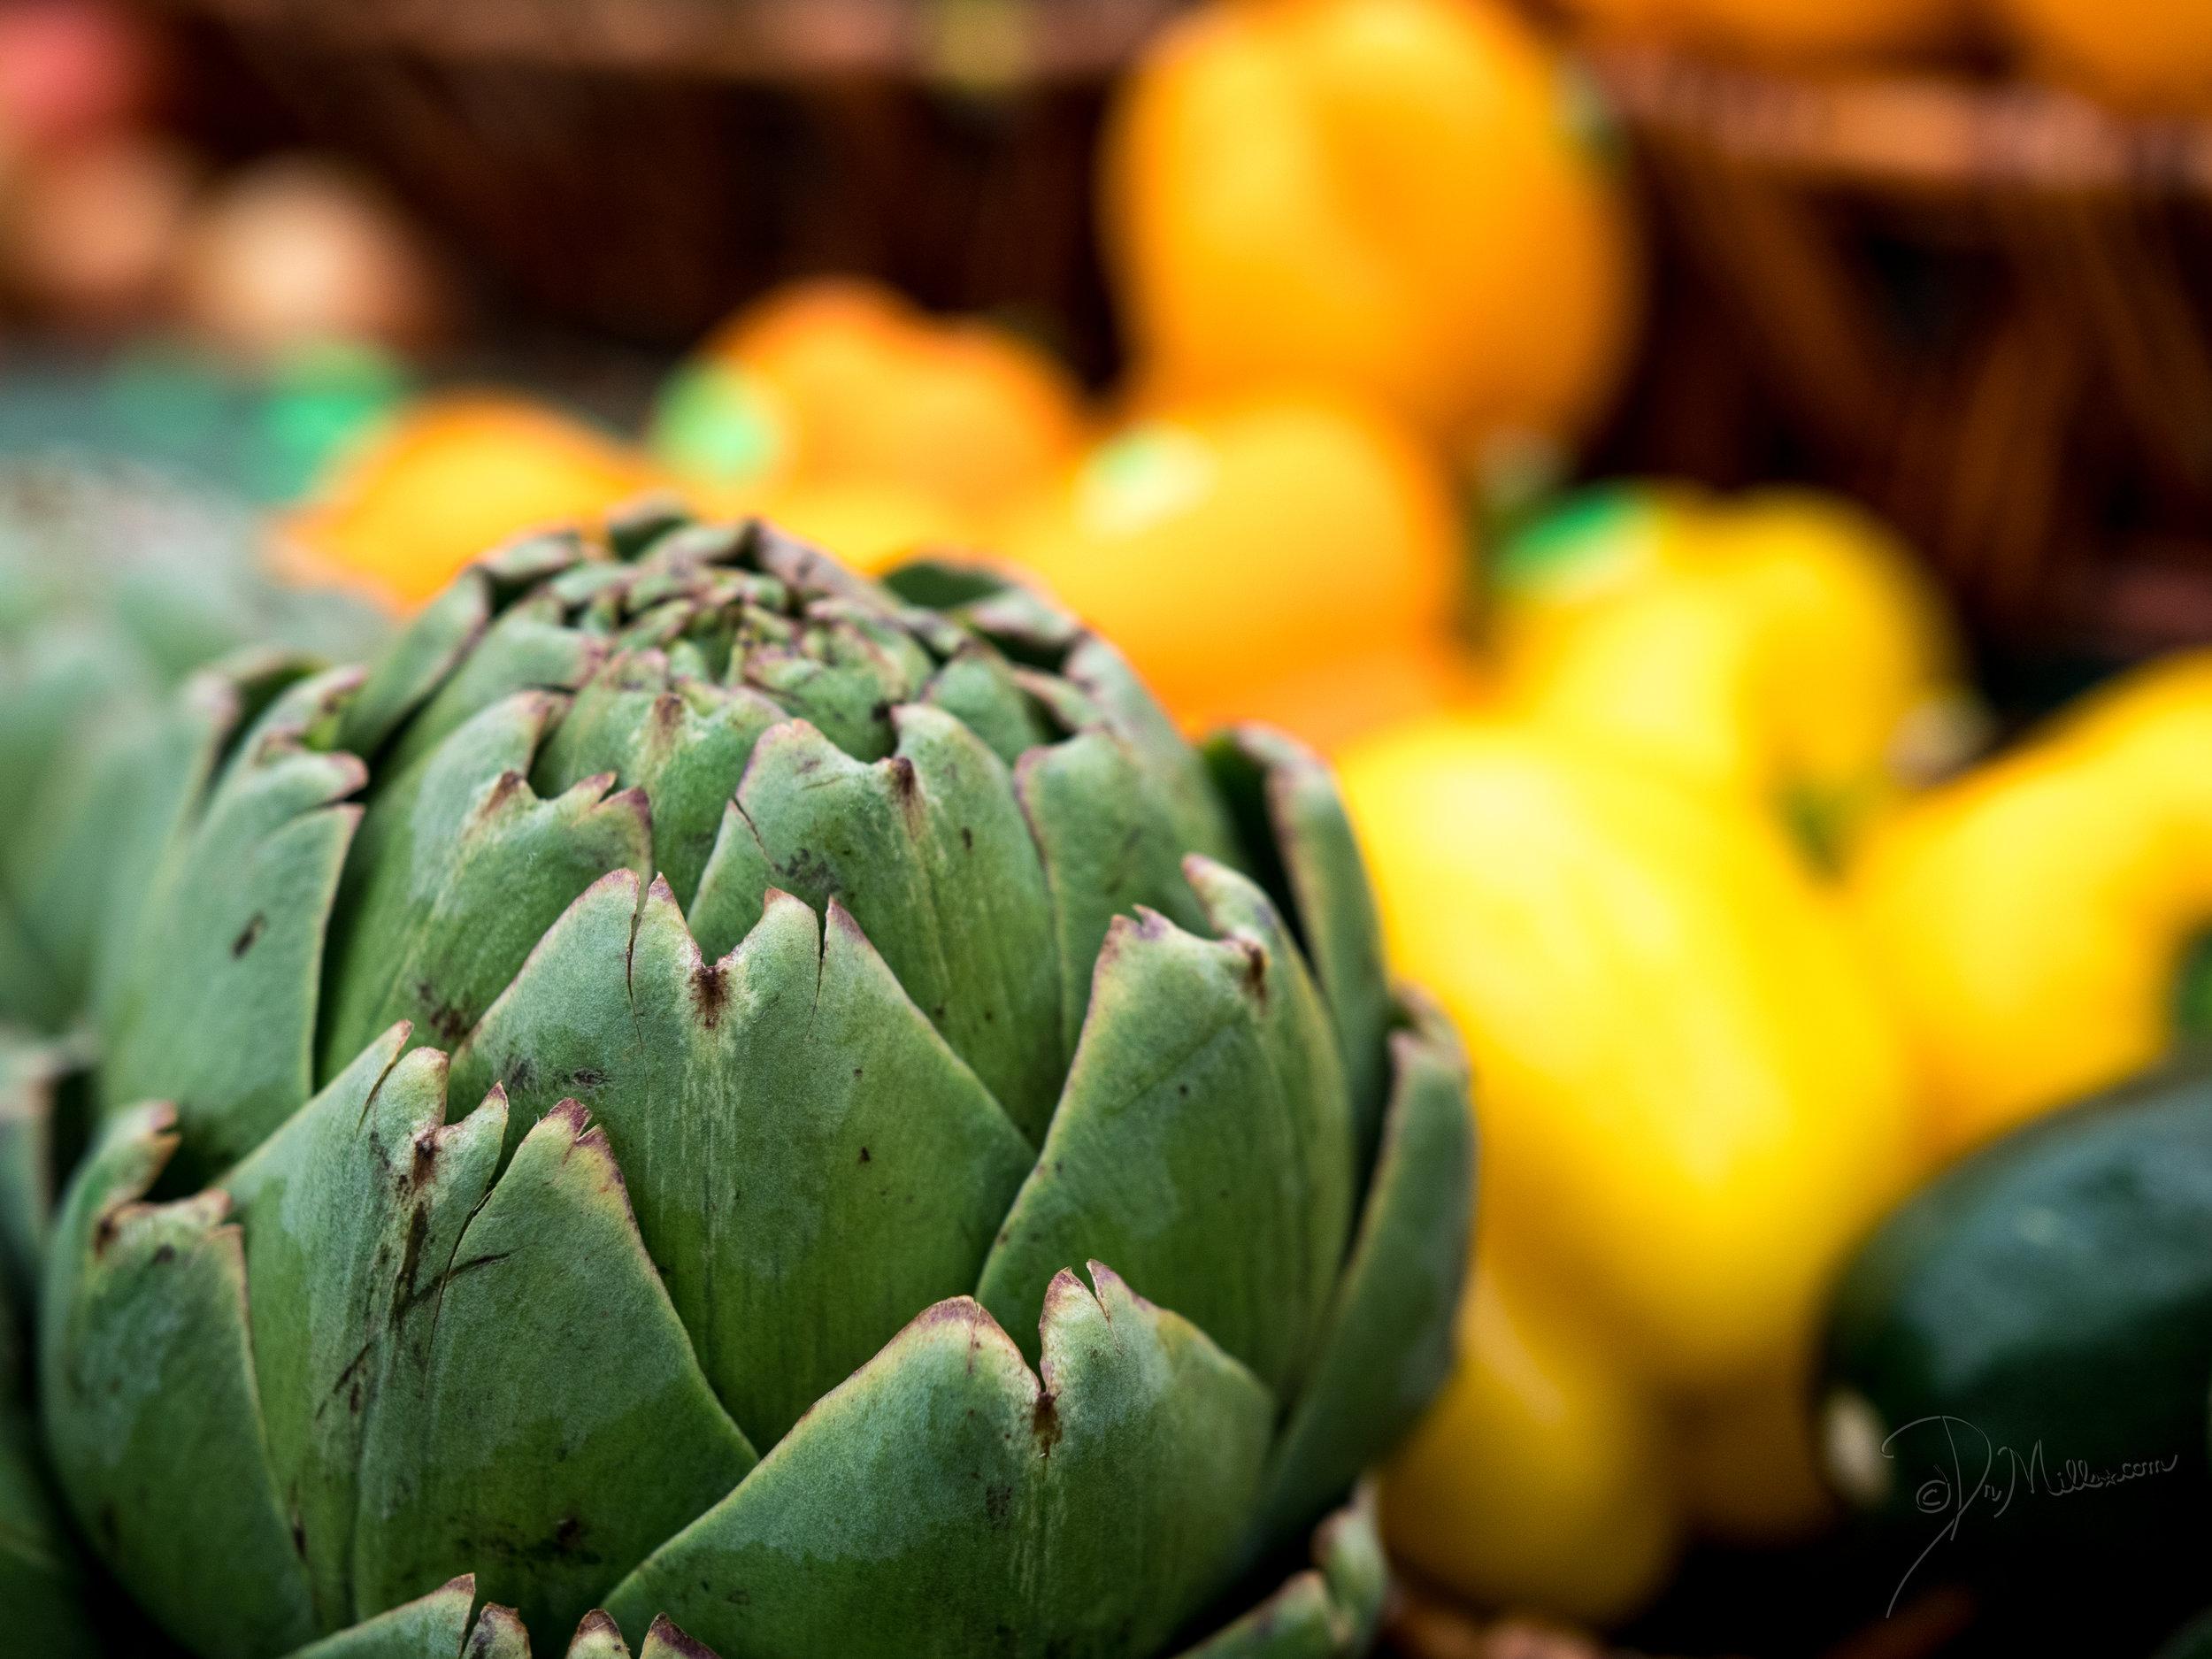 Produce - 10-1-18 - Artichoke - 1 - 72ppi.jpg